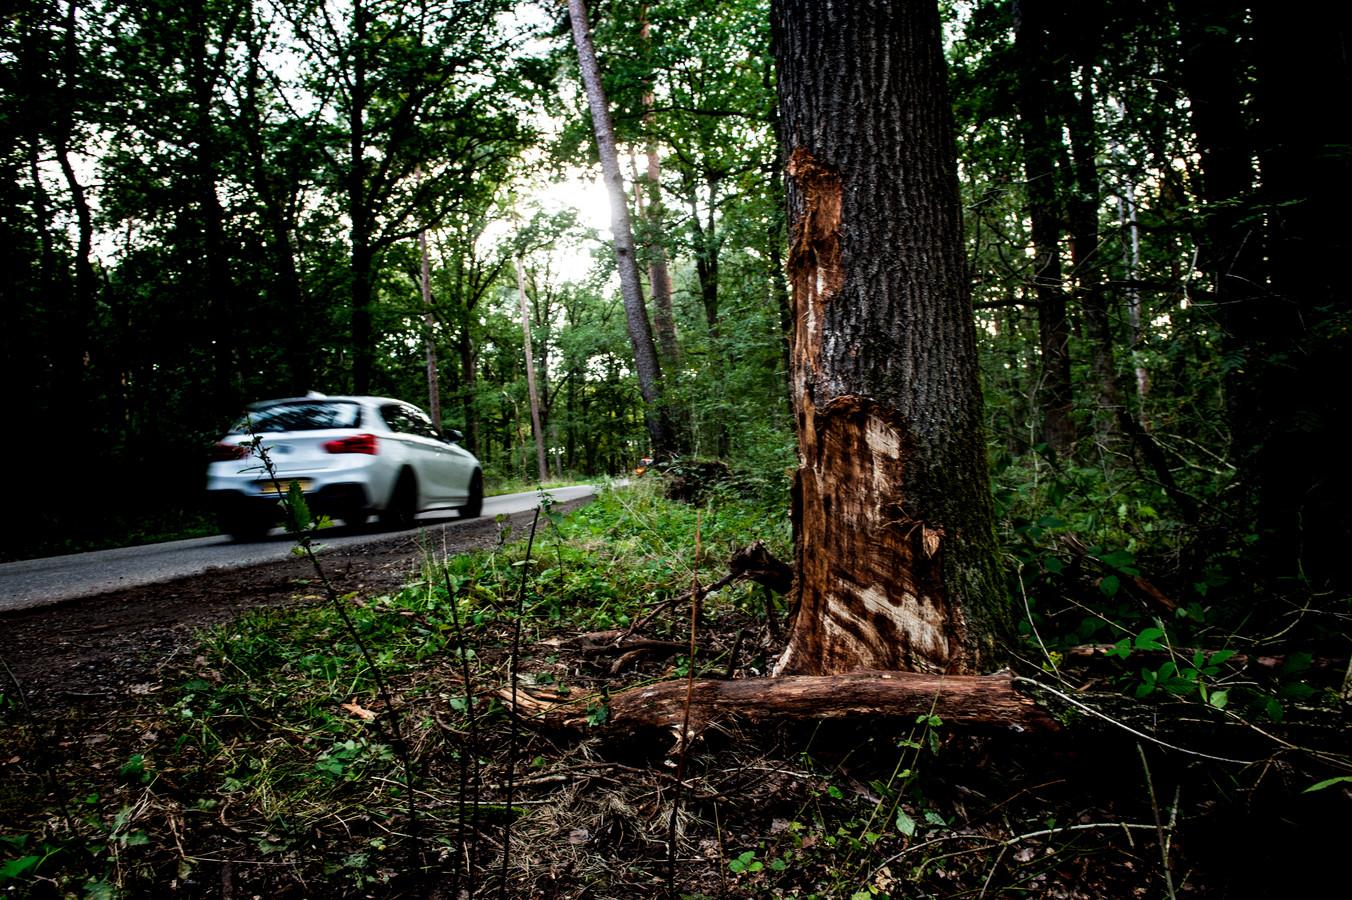 De boom is een stille getuige van het ongeval in Uddel waarbij een 26-jarige man uit die plaats om het leven kwam.